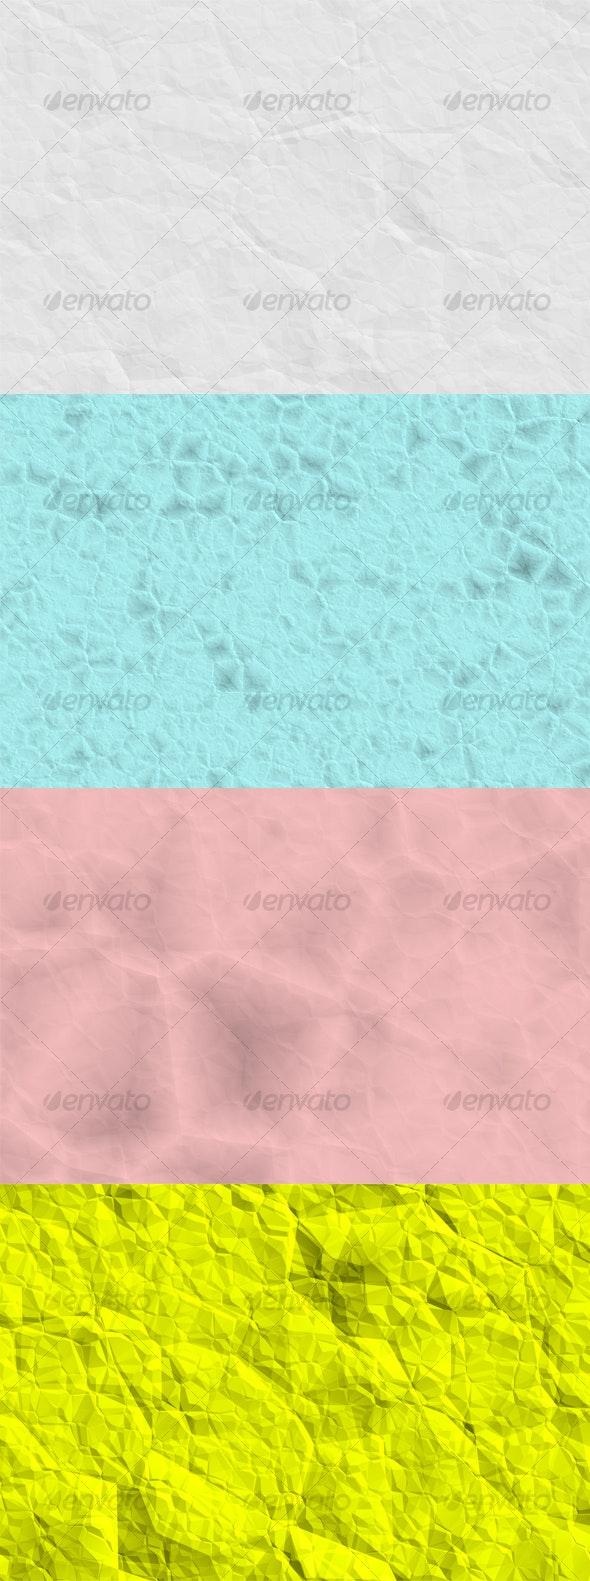 4 x Crumpled Paper Textures - Paper Textures